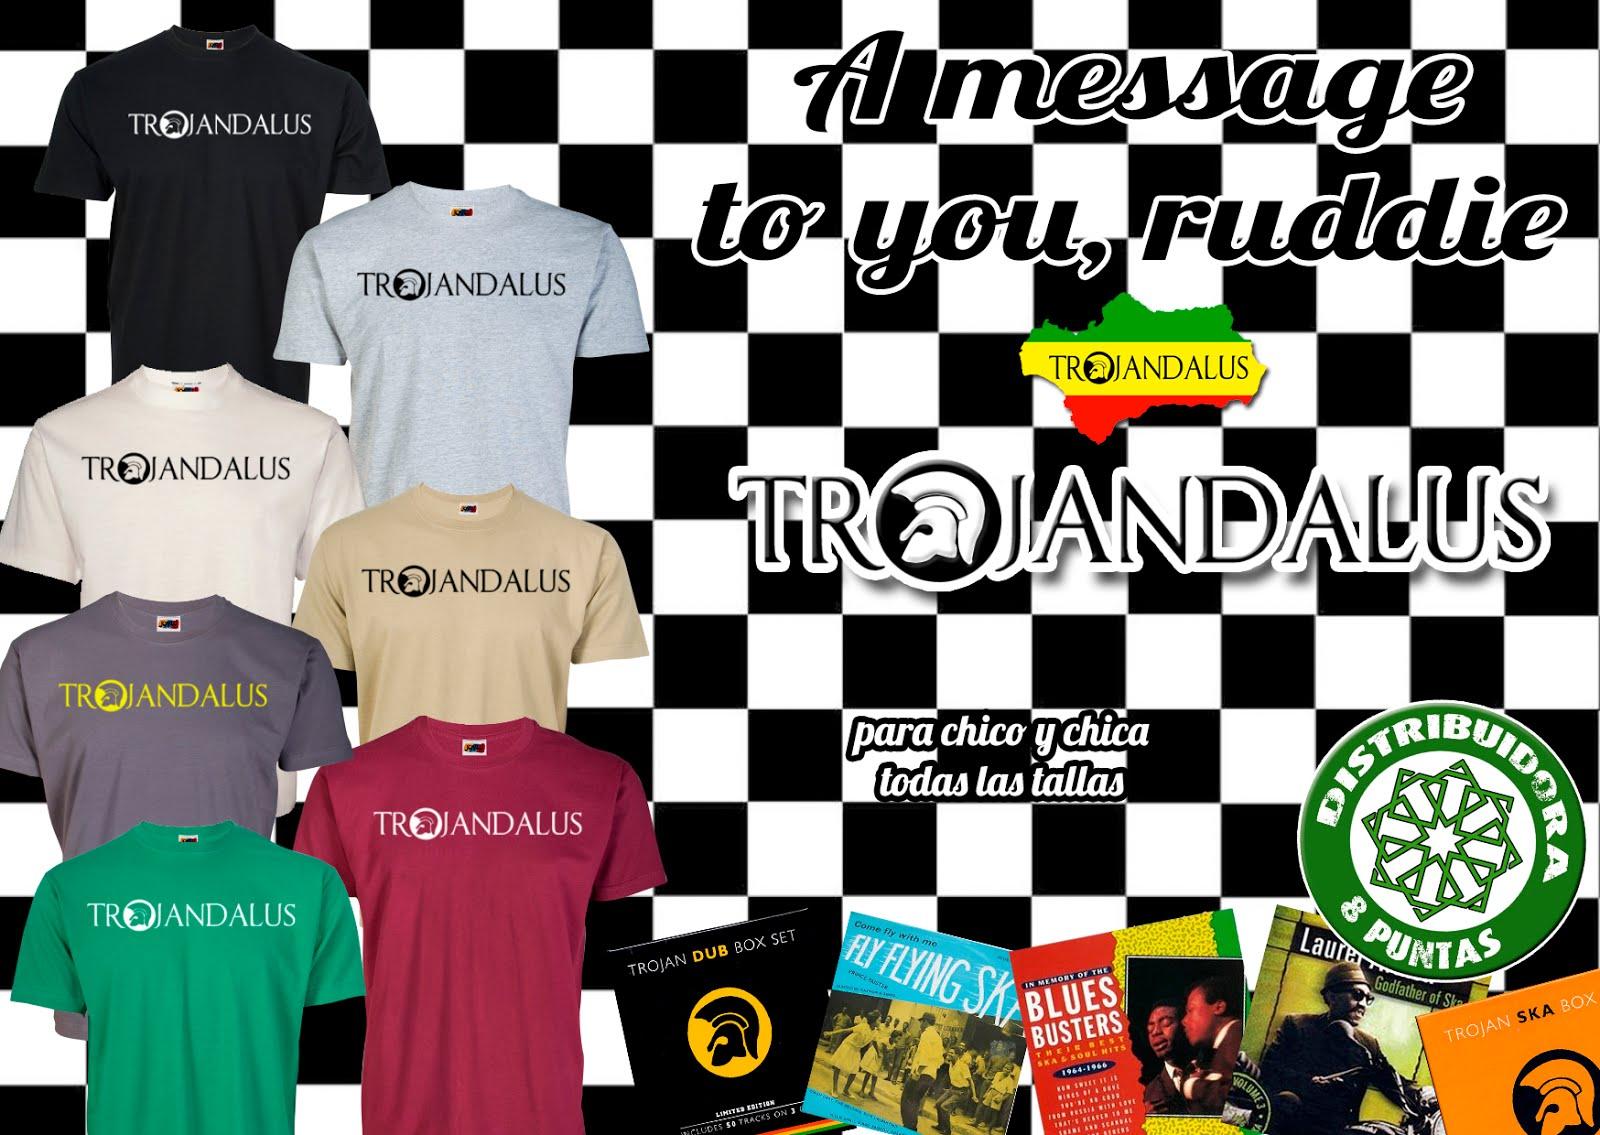 Camisetas Trojandalus 2